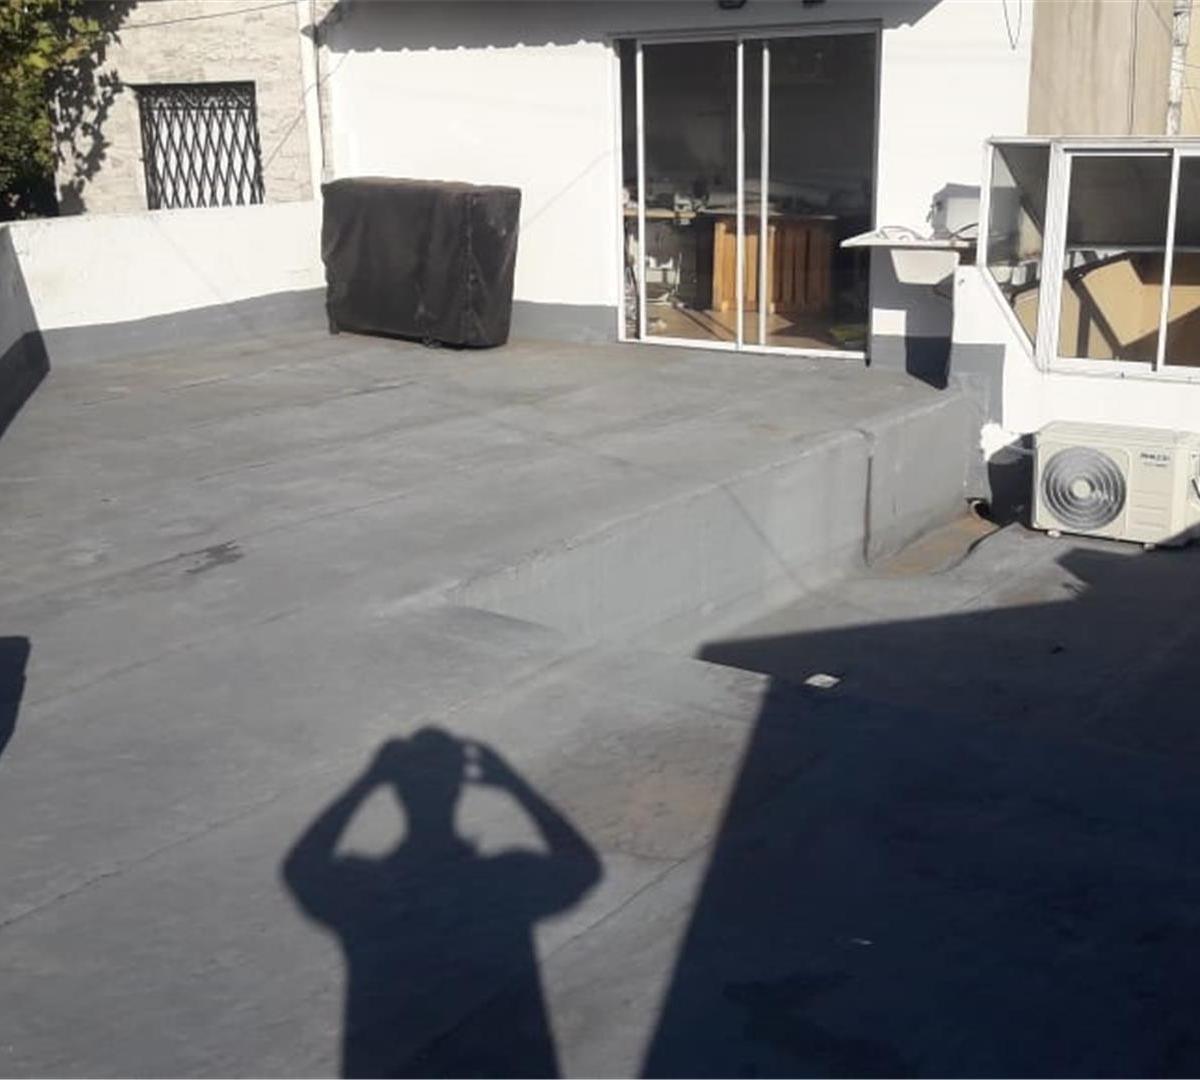 ph al frente - 3 amb - planta baja  - con patio y terraza